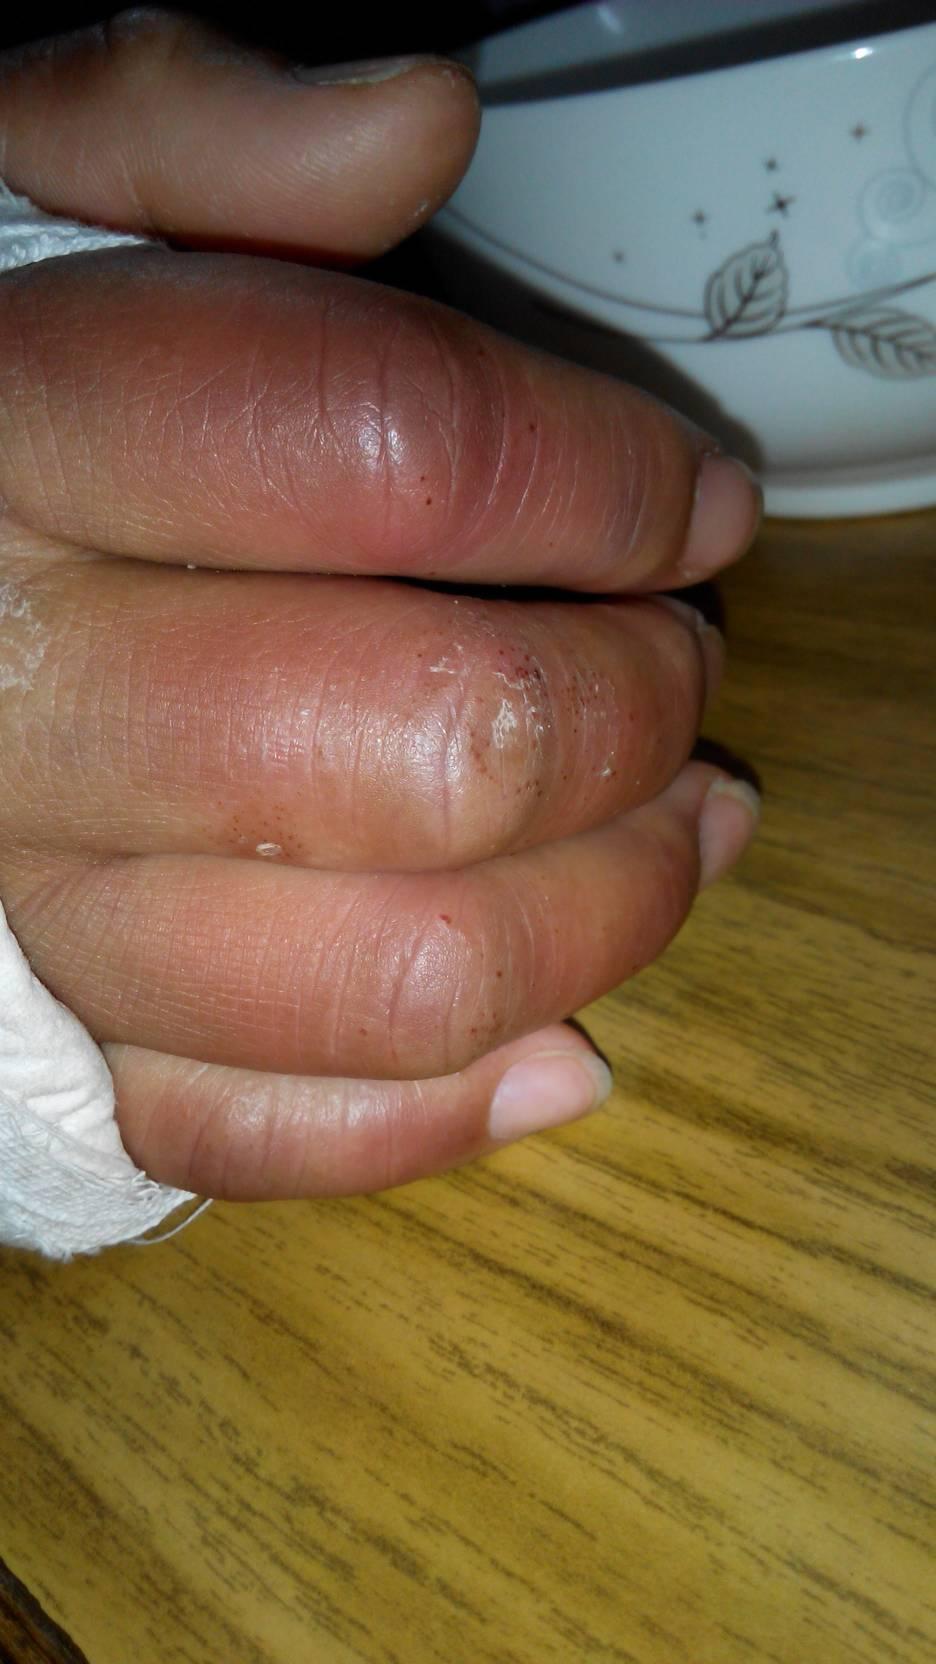 手腕因骨裂打着石膏.手指上出现水泡,发紫发黑.有小黑点,小水泡出现.图片